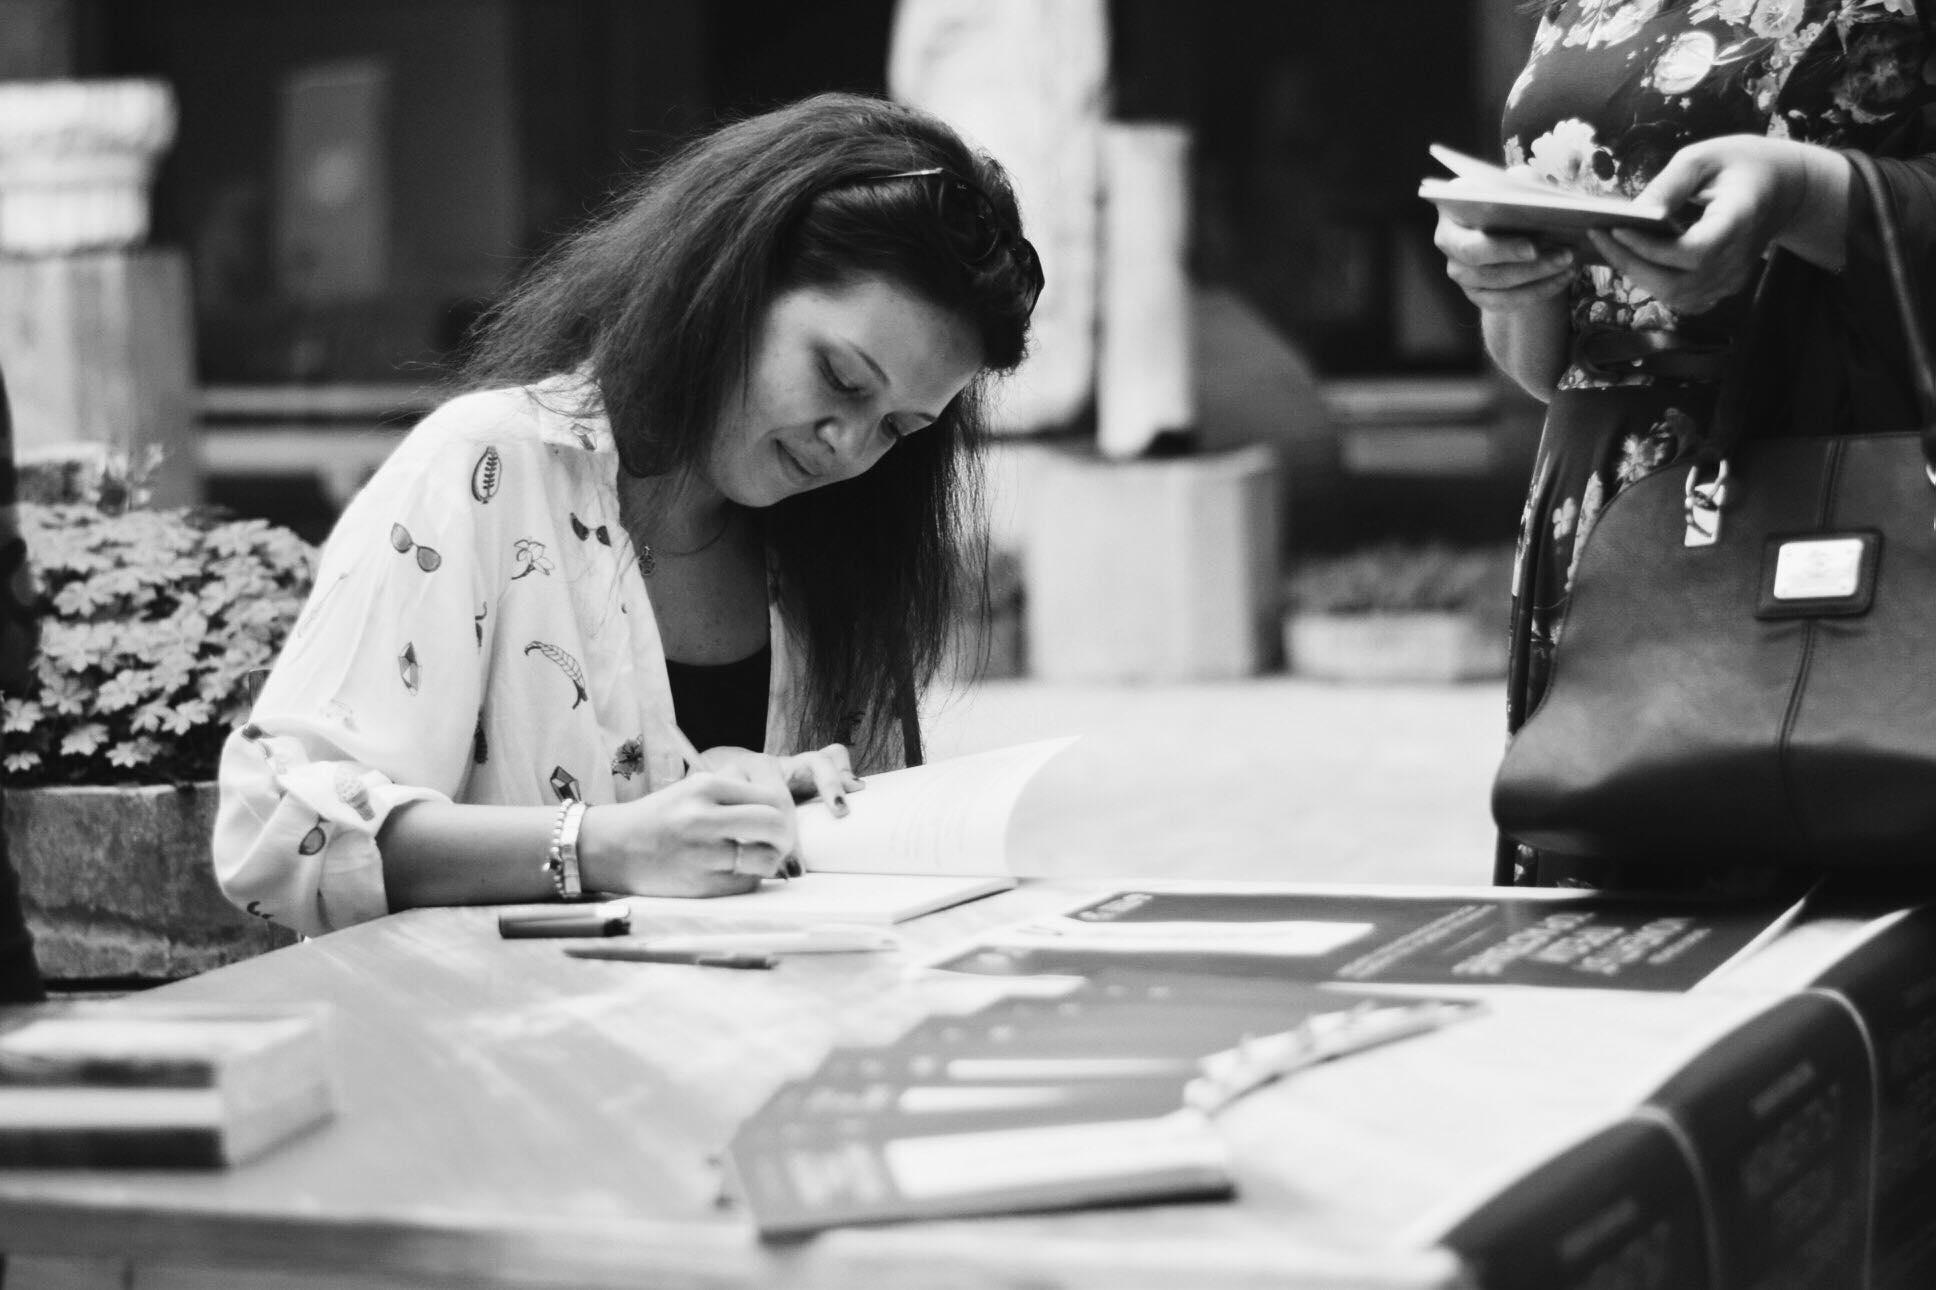 Лилия Йовнова: Нещотърсачът, който облича емоциите си в поезия